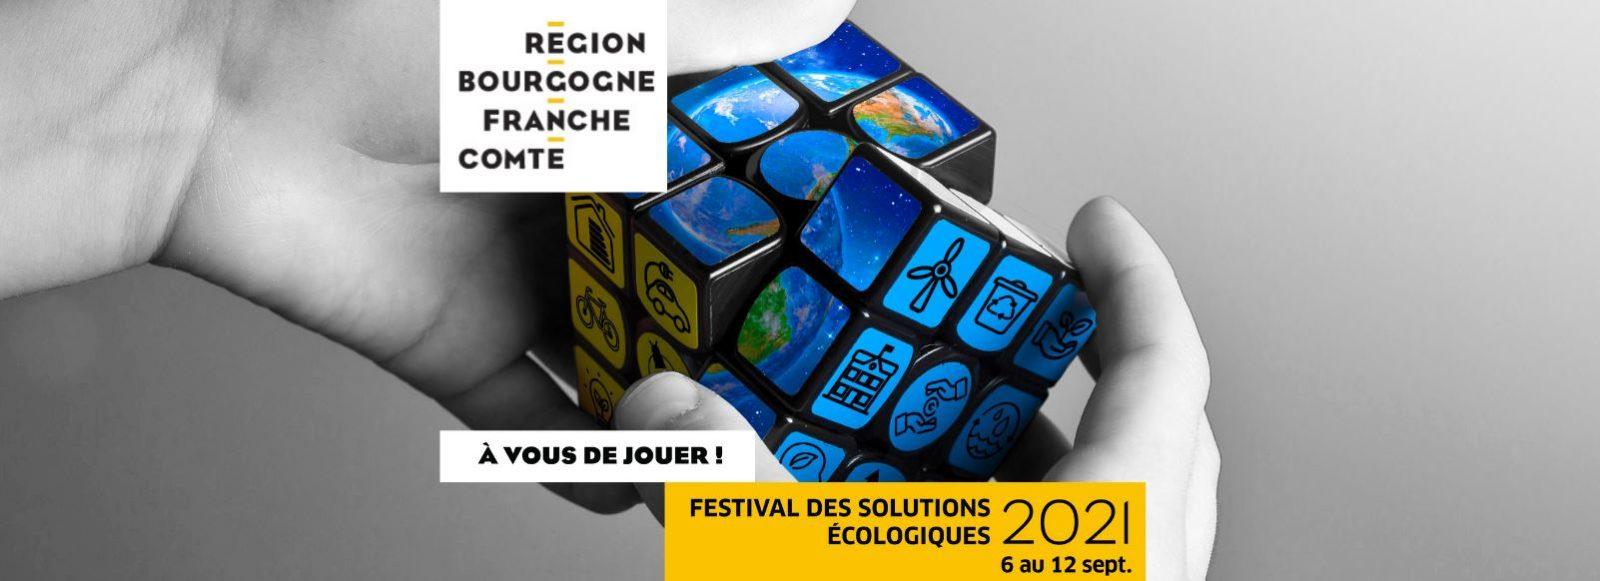 festival-solutions-ecologiques-1600x581